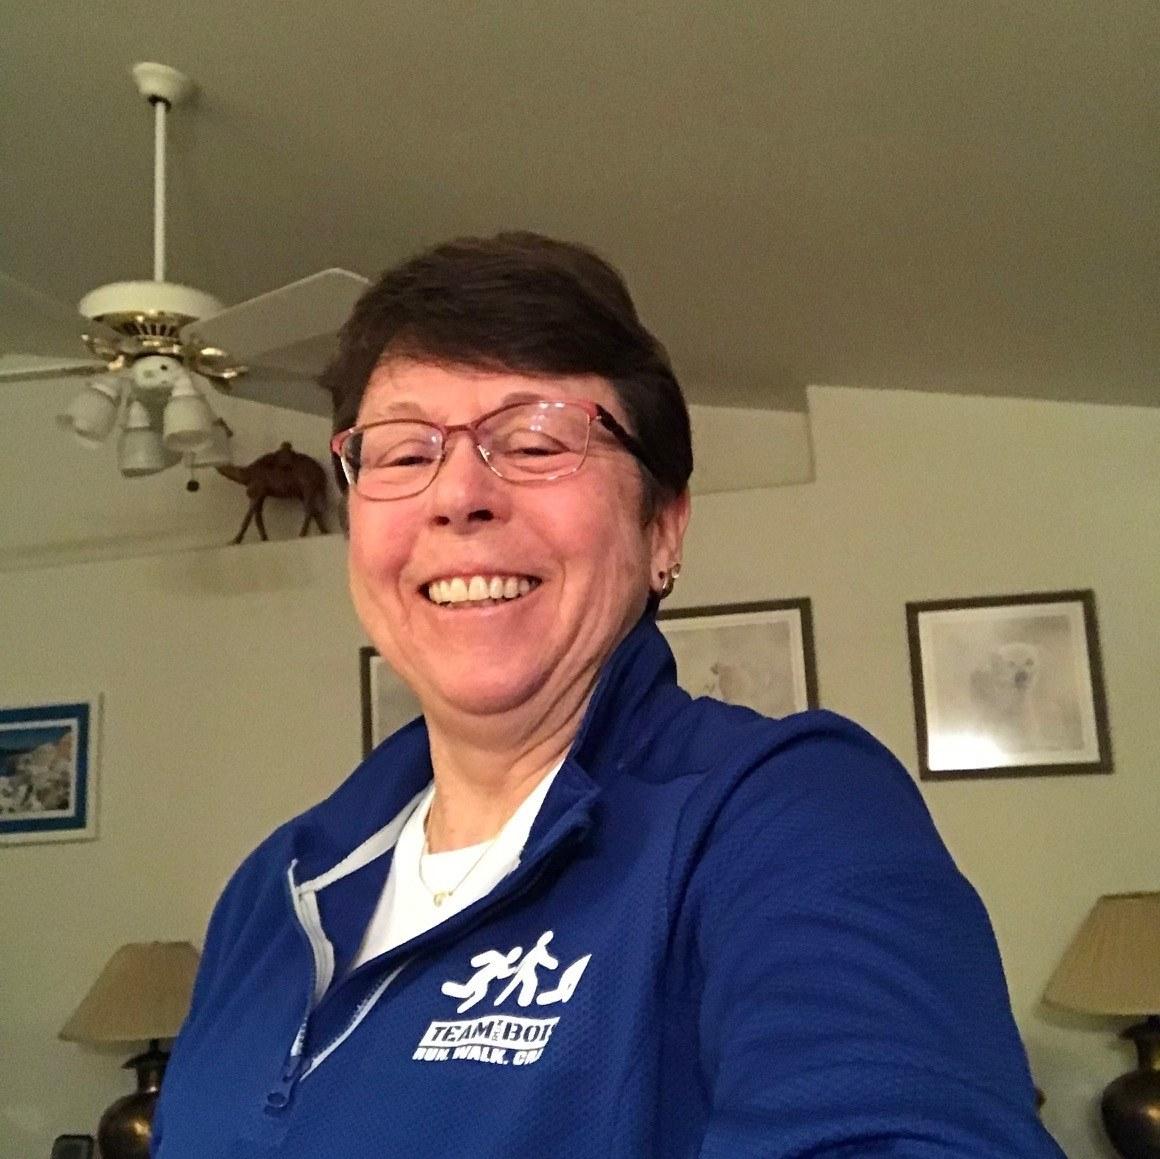 Debbie Knudsen - Membership